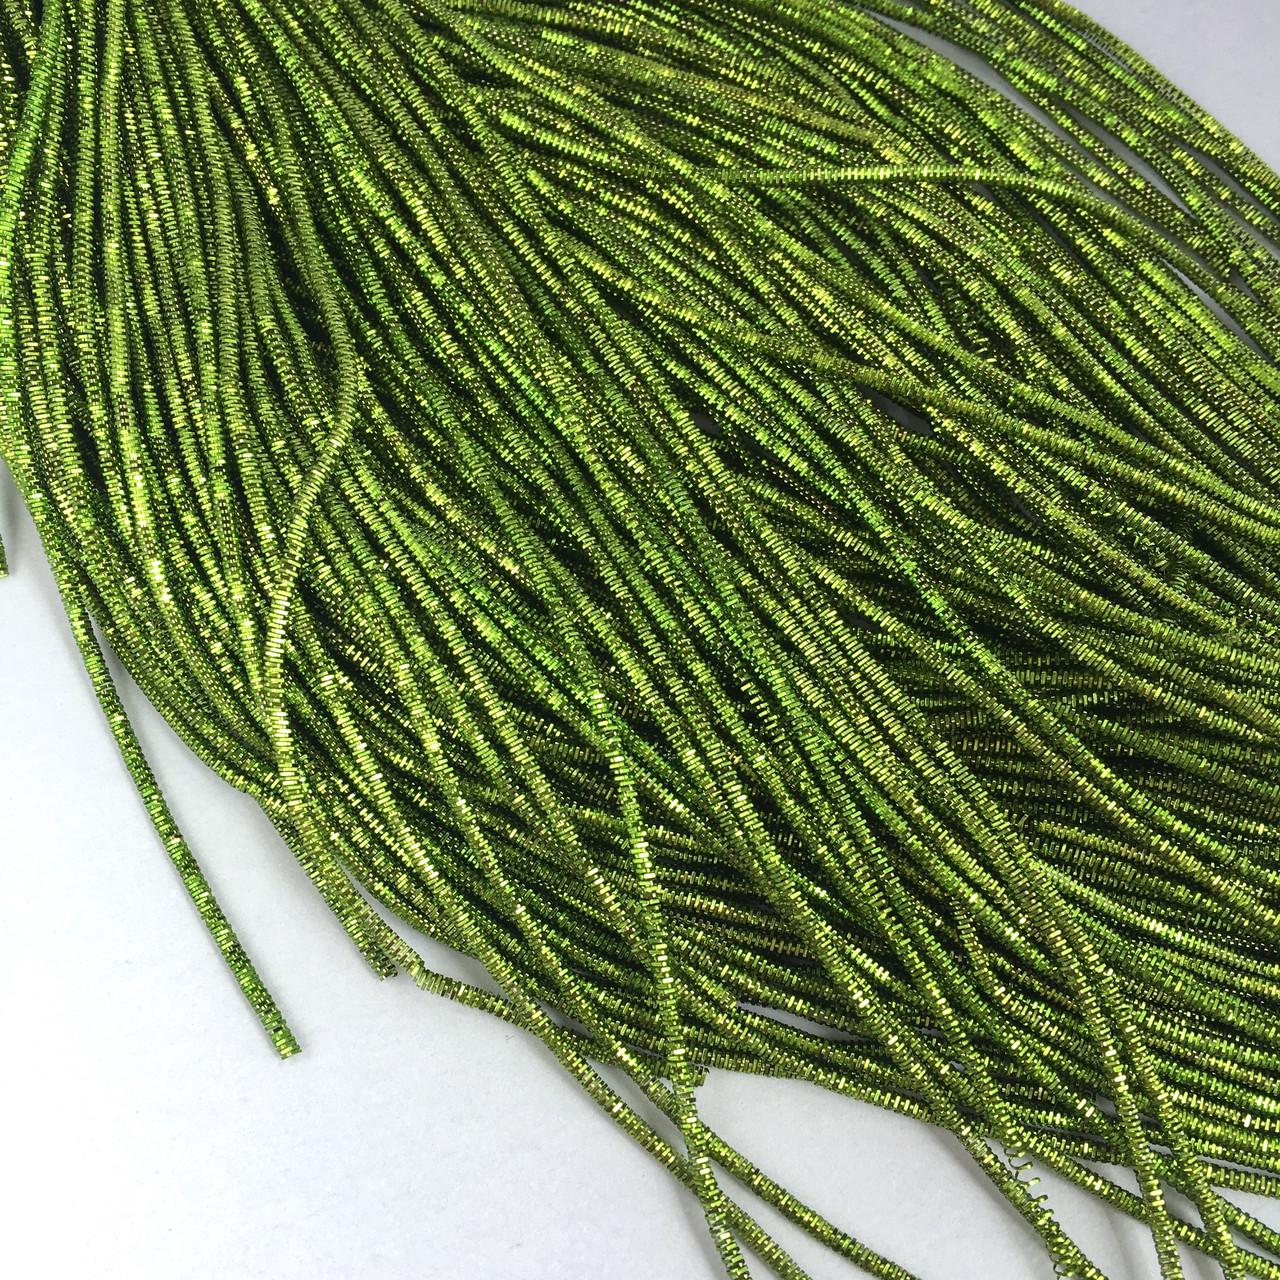 Трунцал 1 мм. Зеленый травяной. Упаковка 5 гр